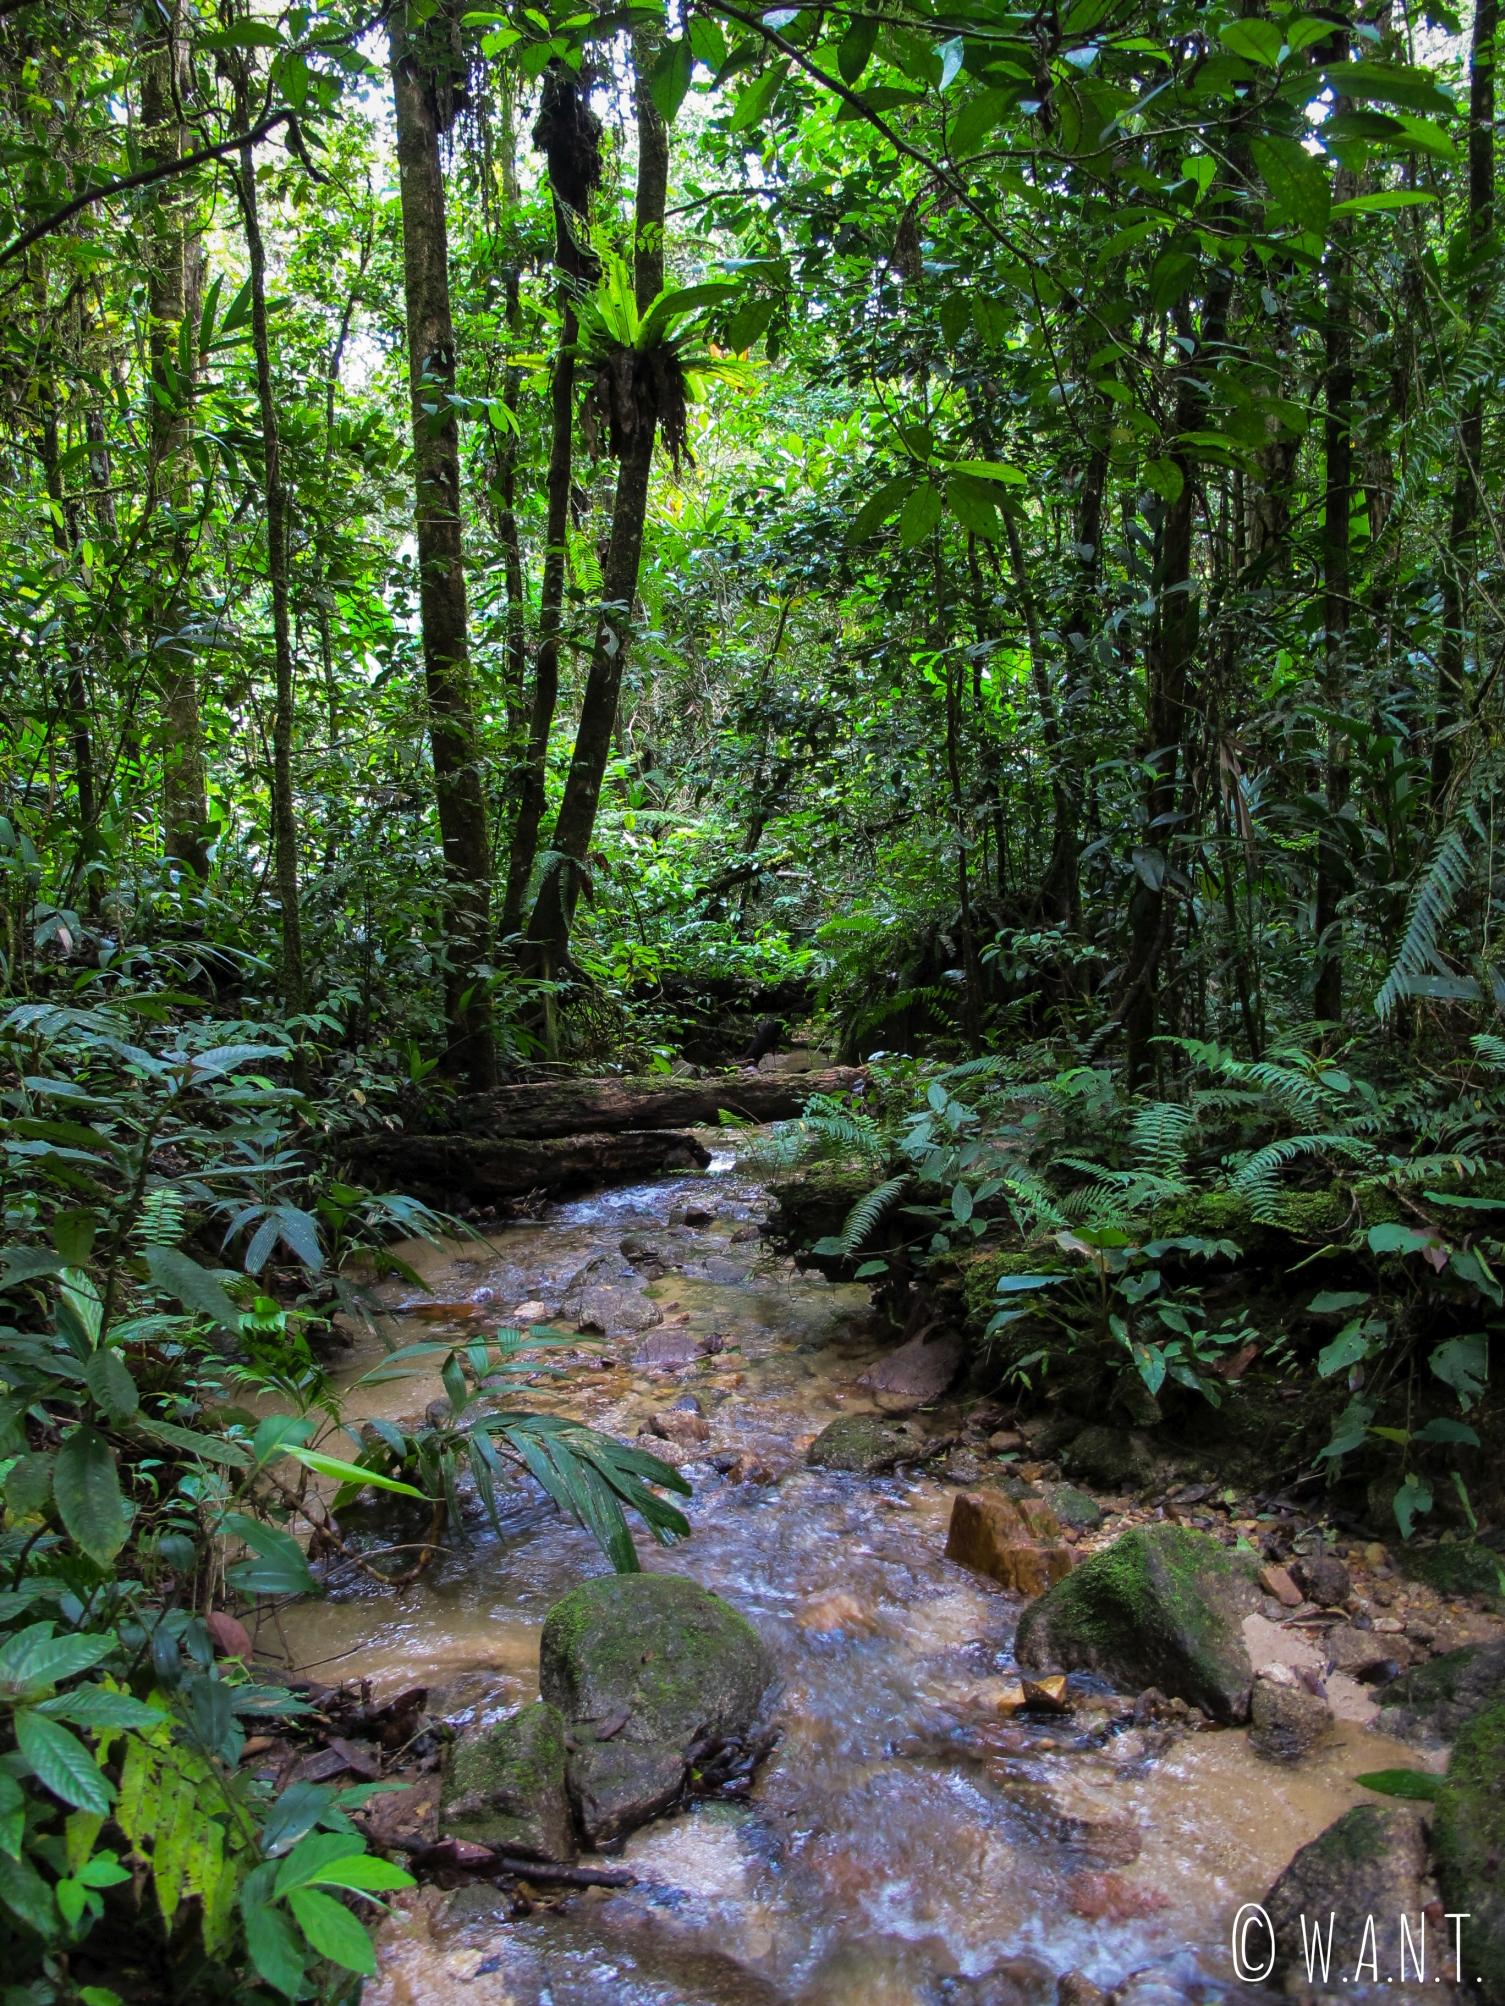 Dans la jungle des Cameron Highlands, nous devons traverser des cours d'eau